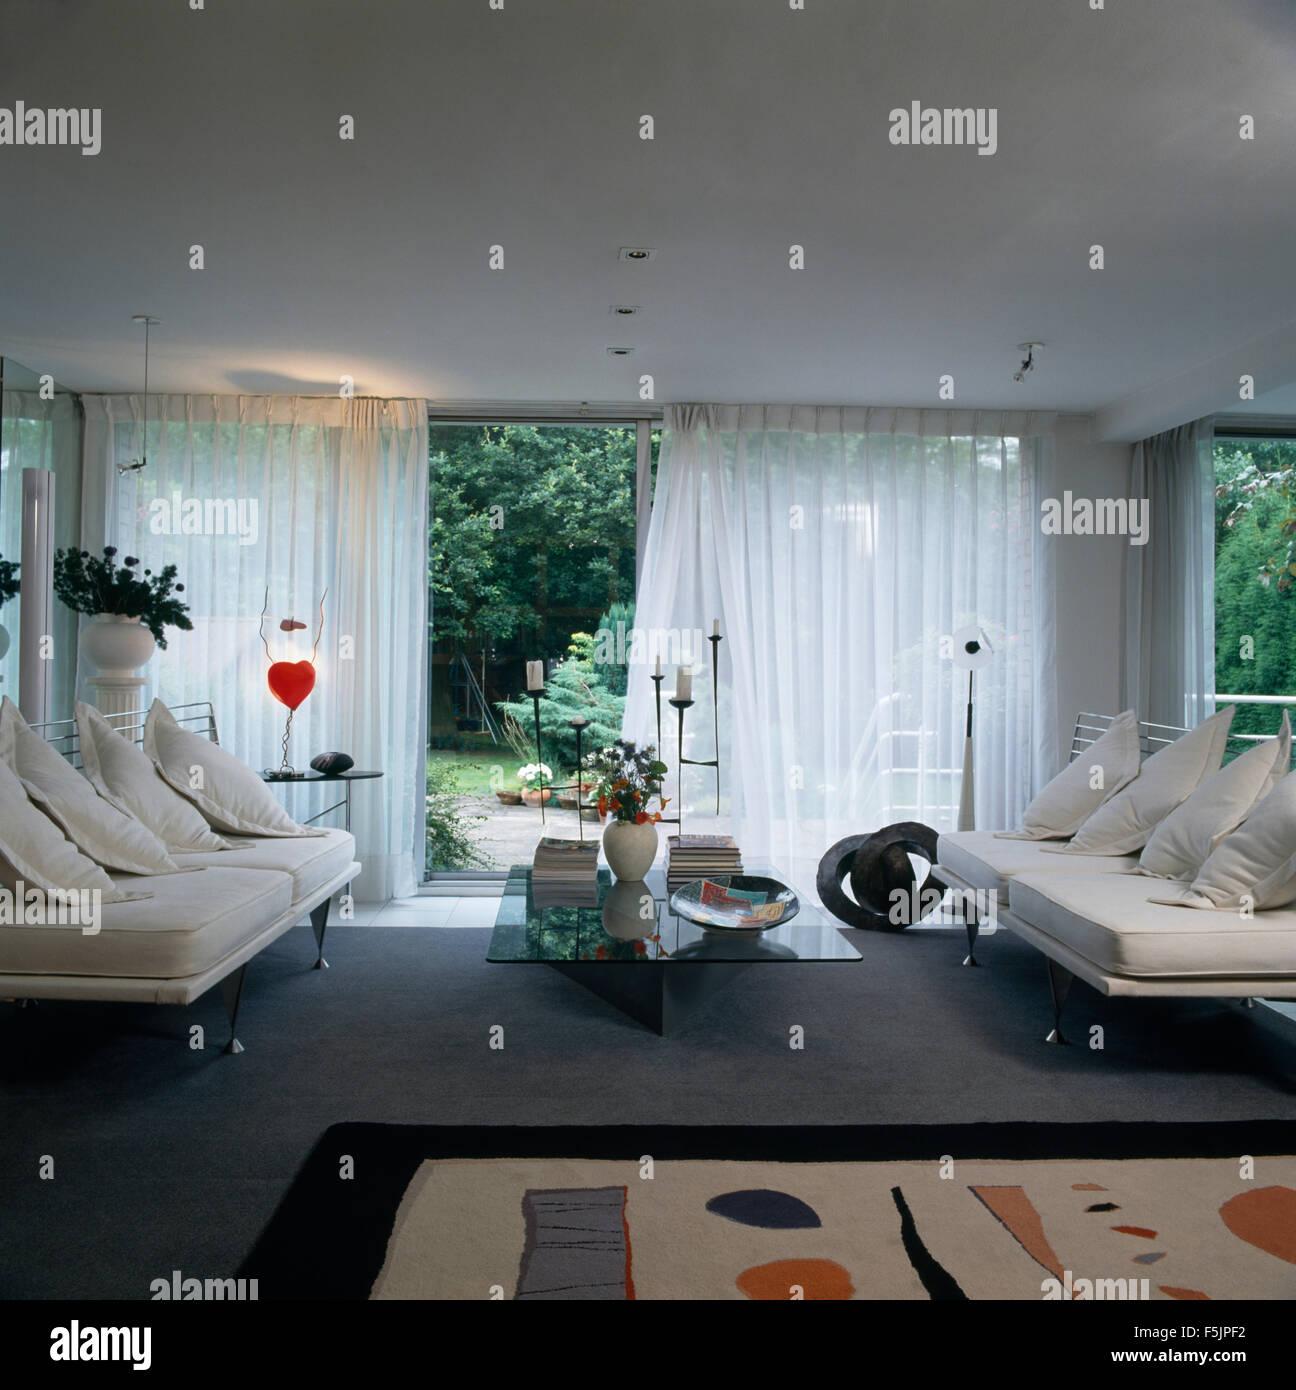 Weiße Sofas Im Wohnzimmer Mit Weißen Voile Vorhänge An Glastüren Offen Zum  Garten Der Neunziger Jahre